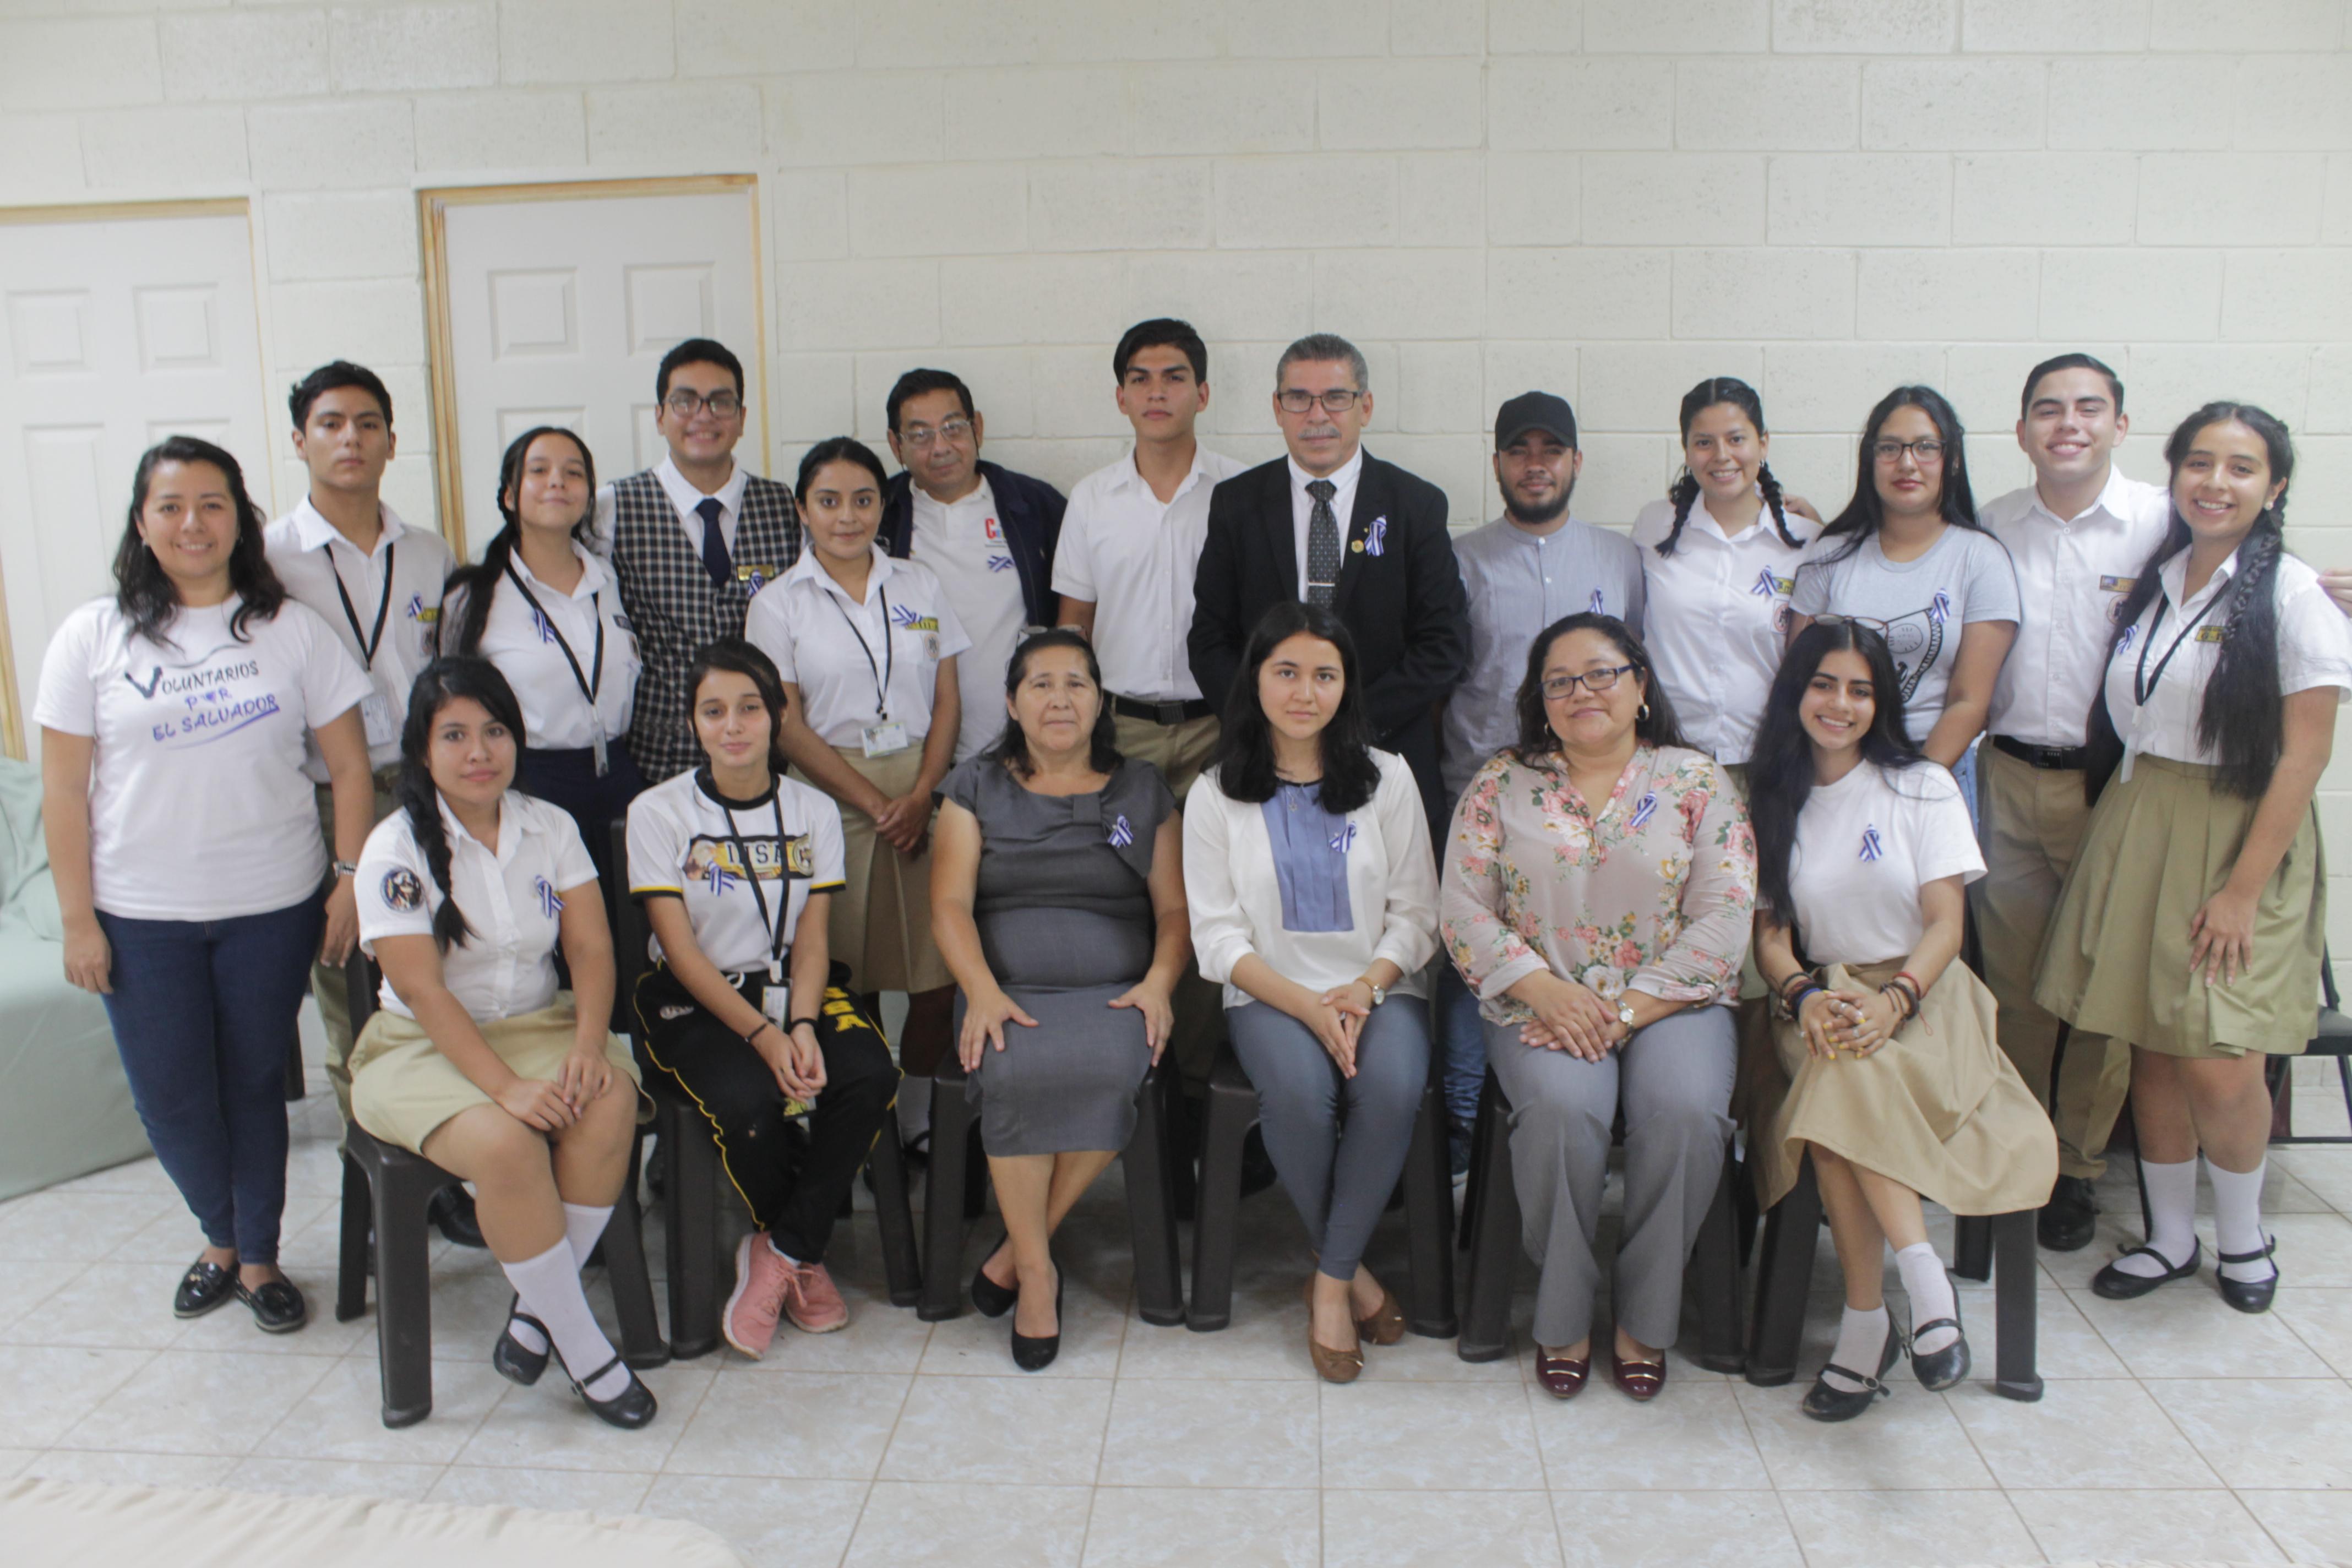 Texaco y Junior Achievement benefician con proyecto al INSA